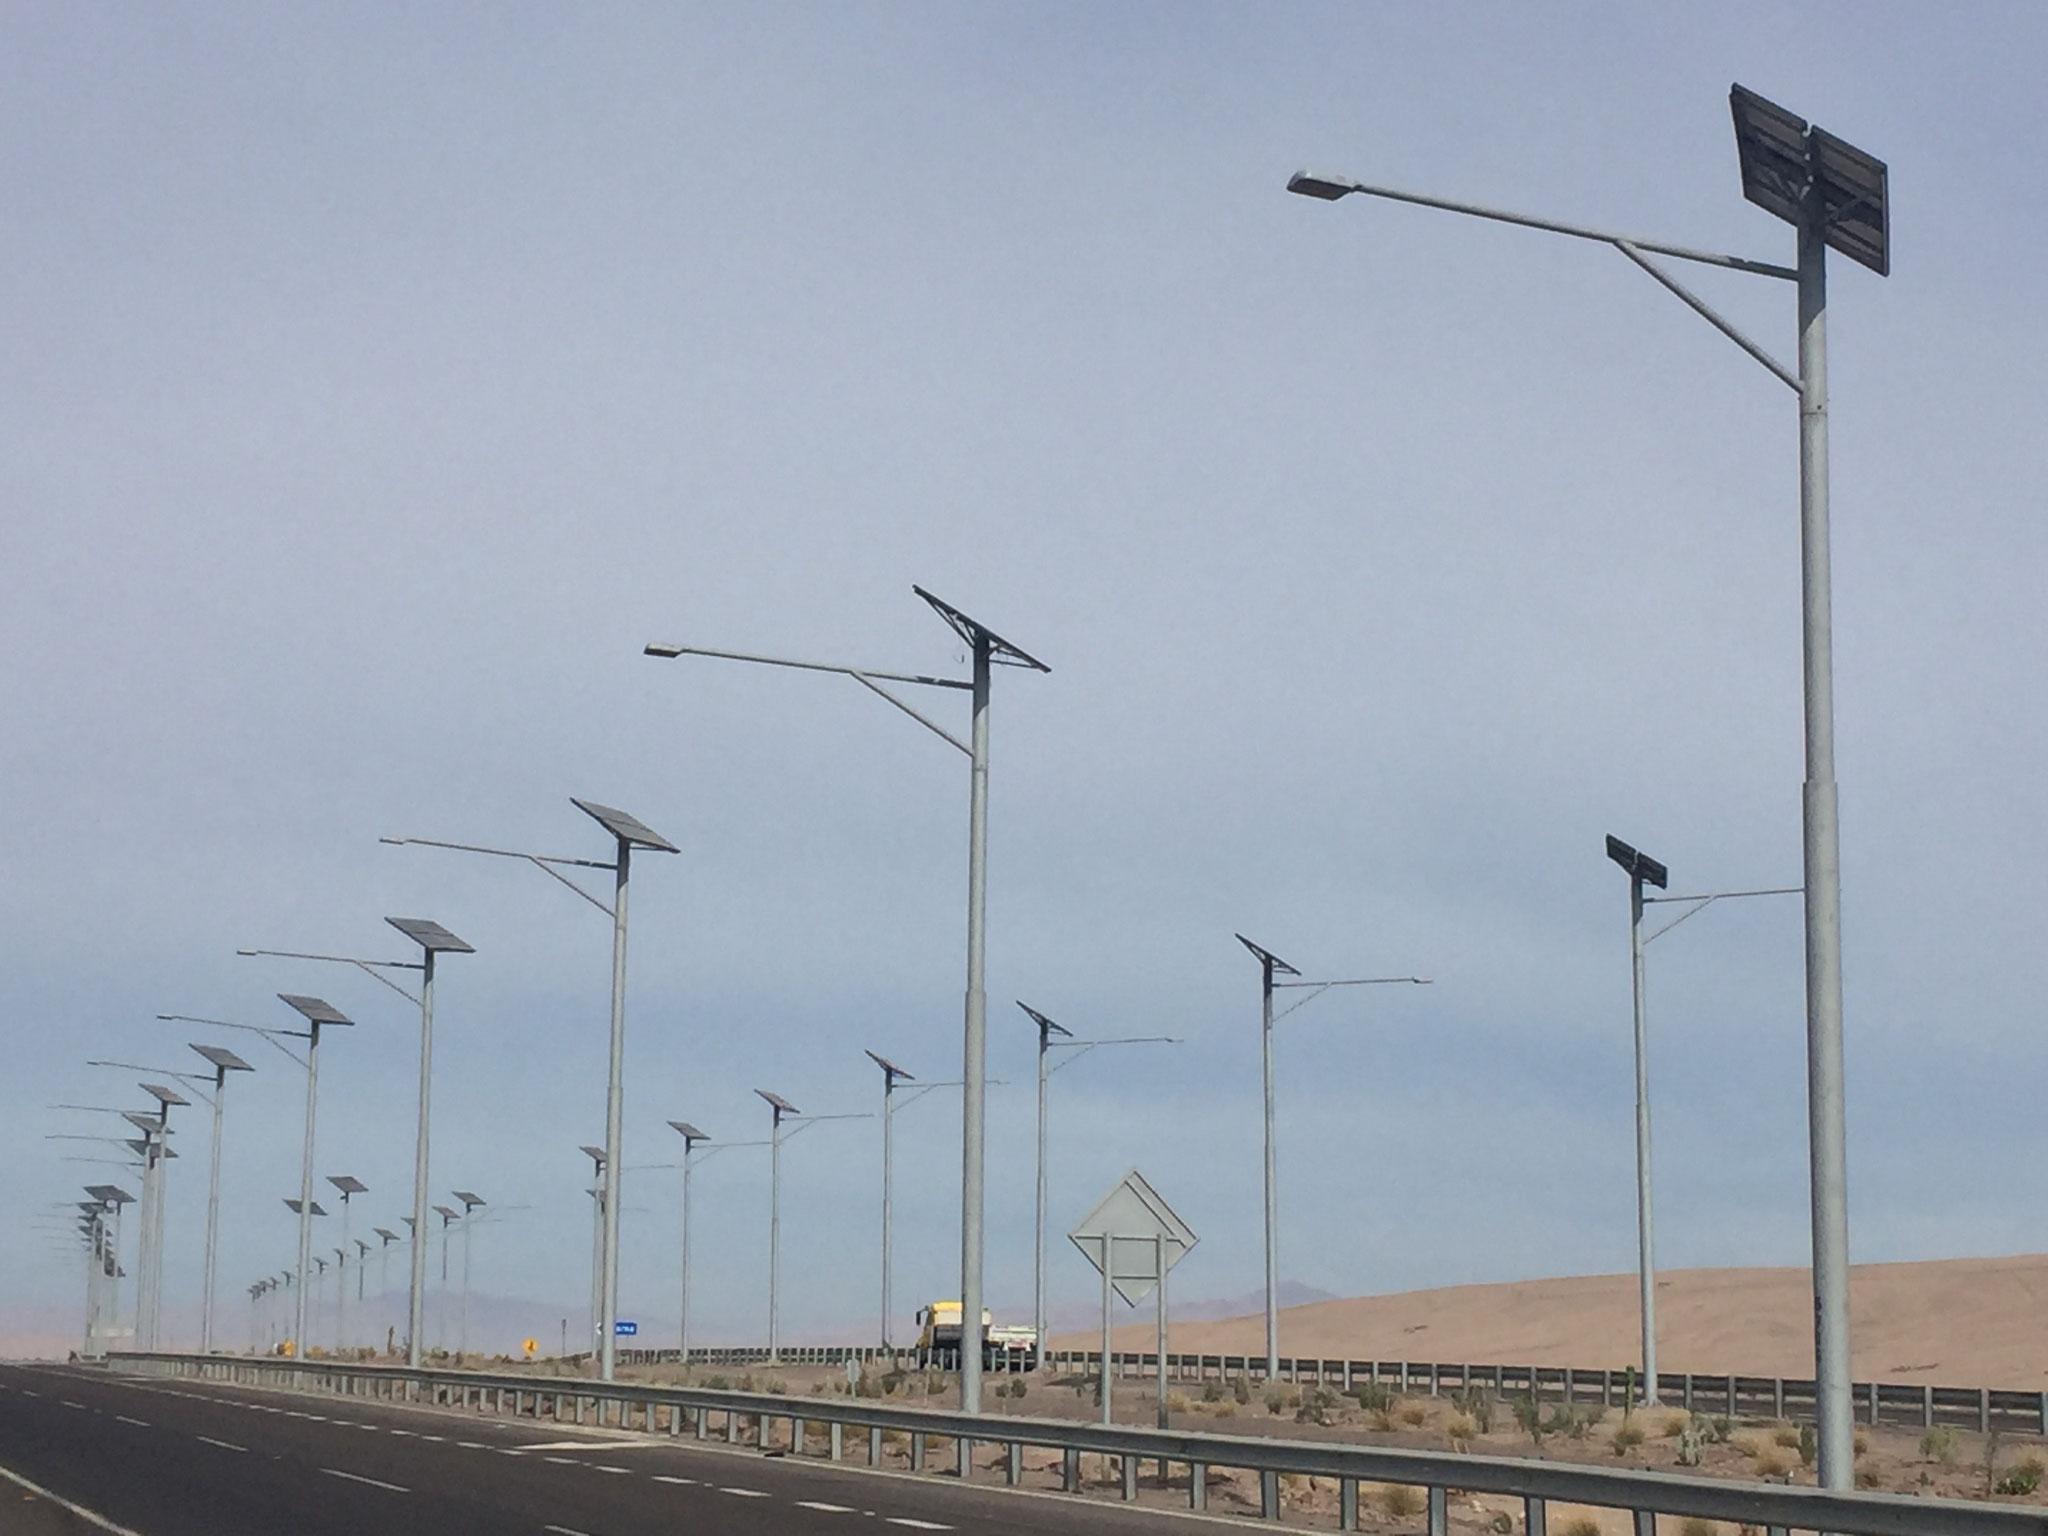 Strassenlampen mit Solarzellen